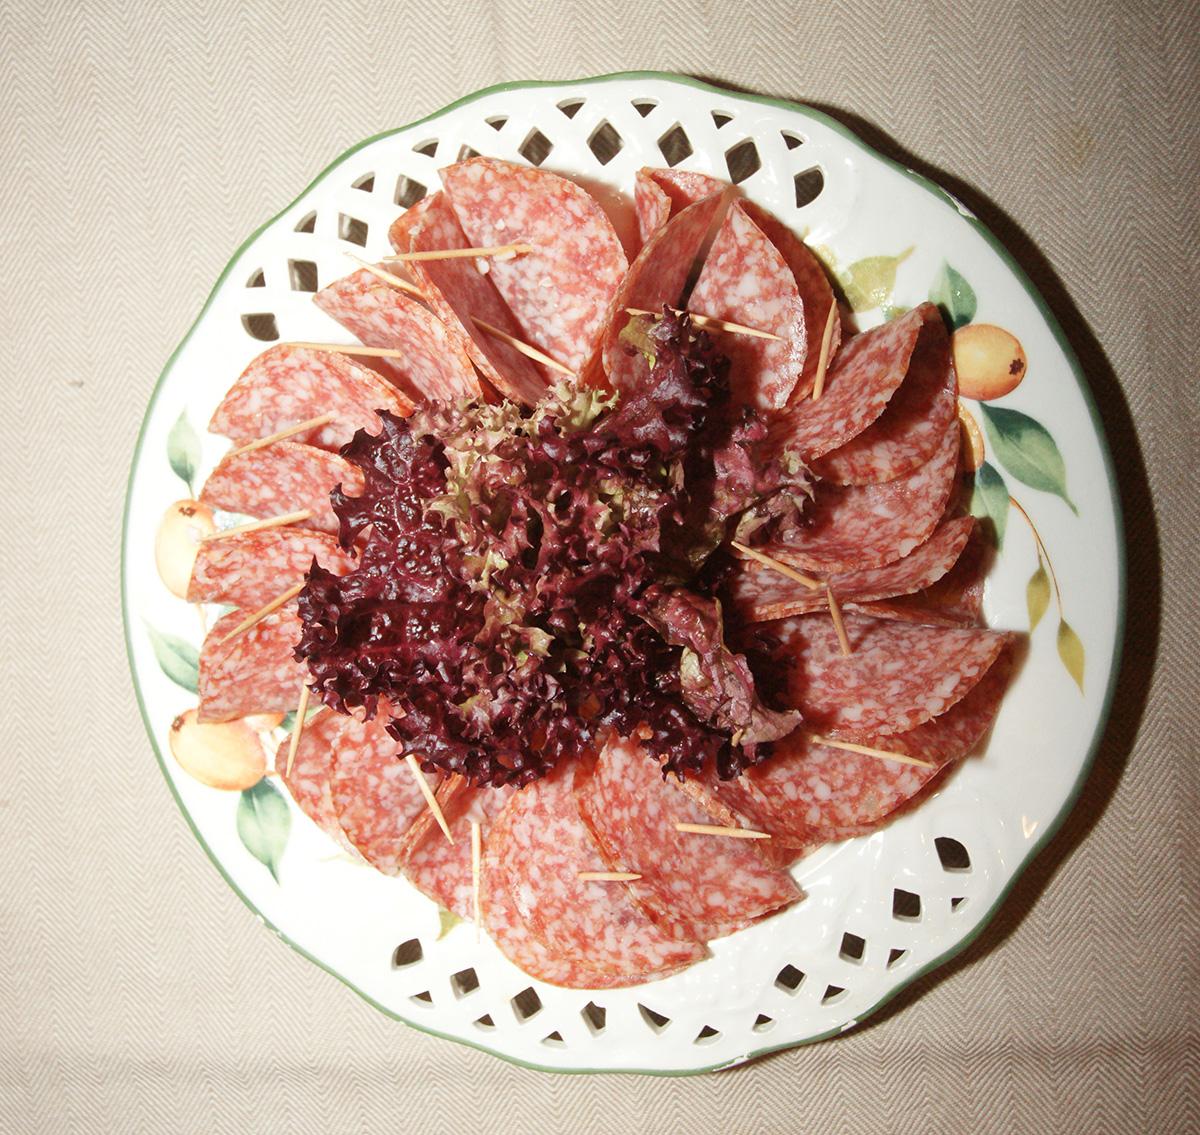 Σαλάμι Αέρος με Μαρμελάδα Πορτοκάλι – El Salam